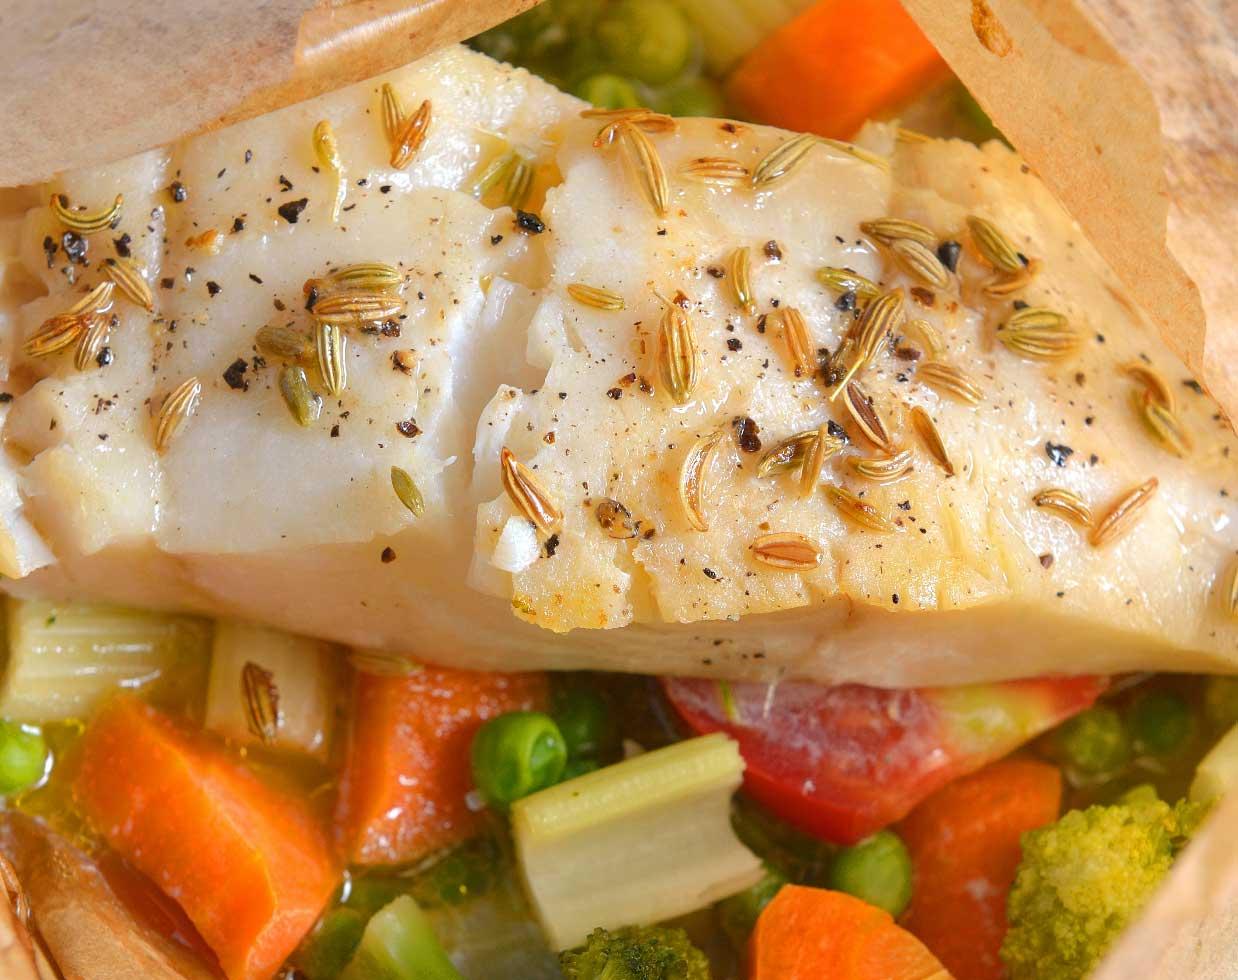 orata verdure fe ricette light programma dieta mediterranea perdere peso velocemente clinica di dimagrimento centro ferrara magrella